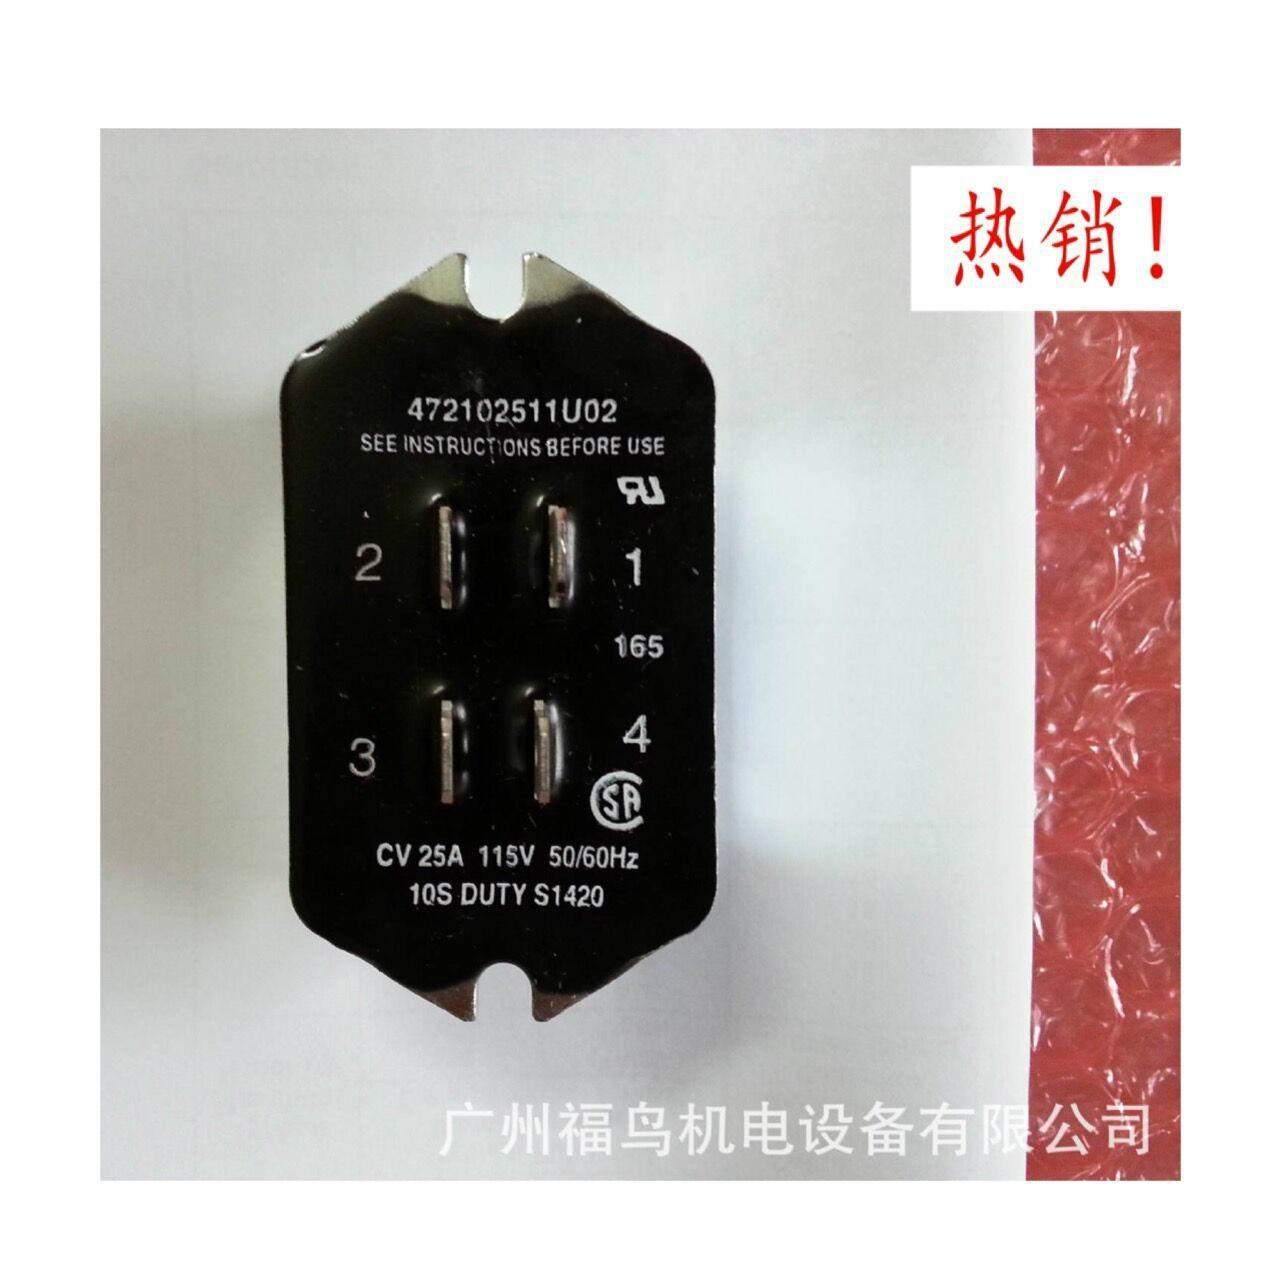 STEARNS SINPAC启动器, 型号: 472102511U02